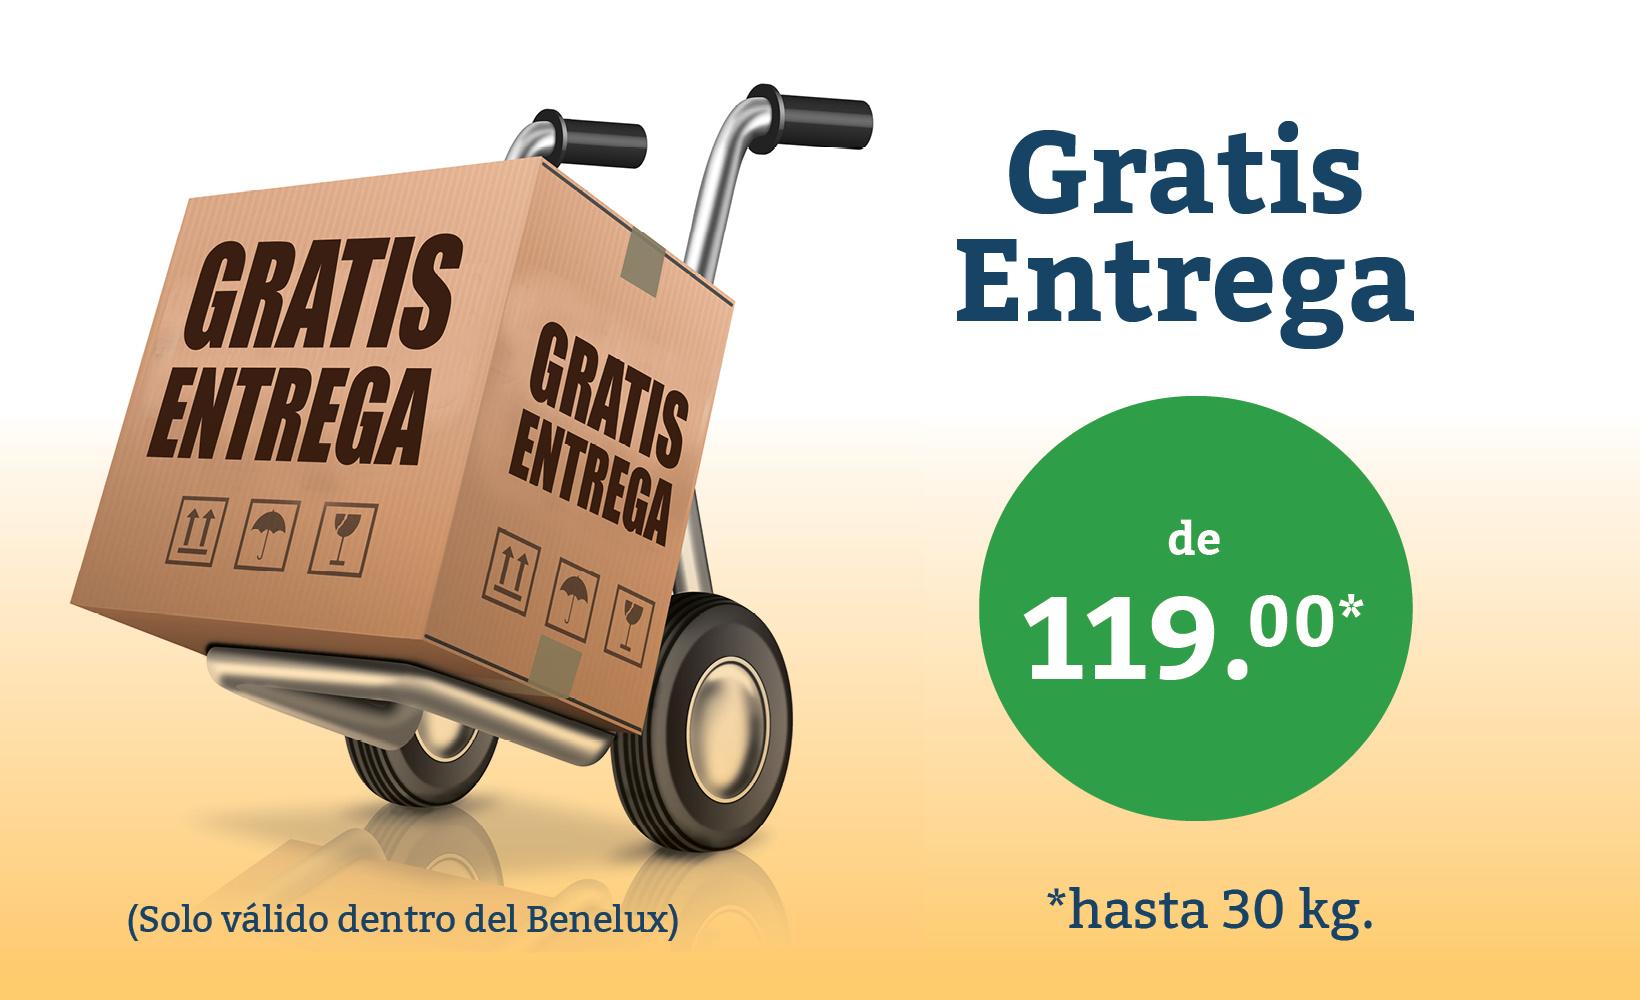 Hasta un máximo de 30 kg enviados gratis en el Benelux desde 119 euros.